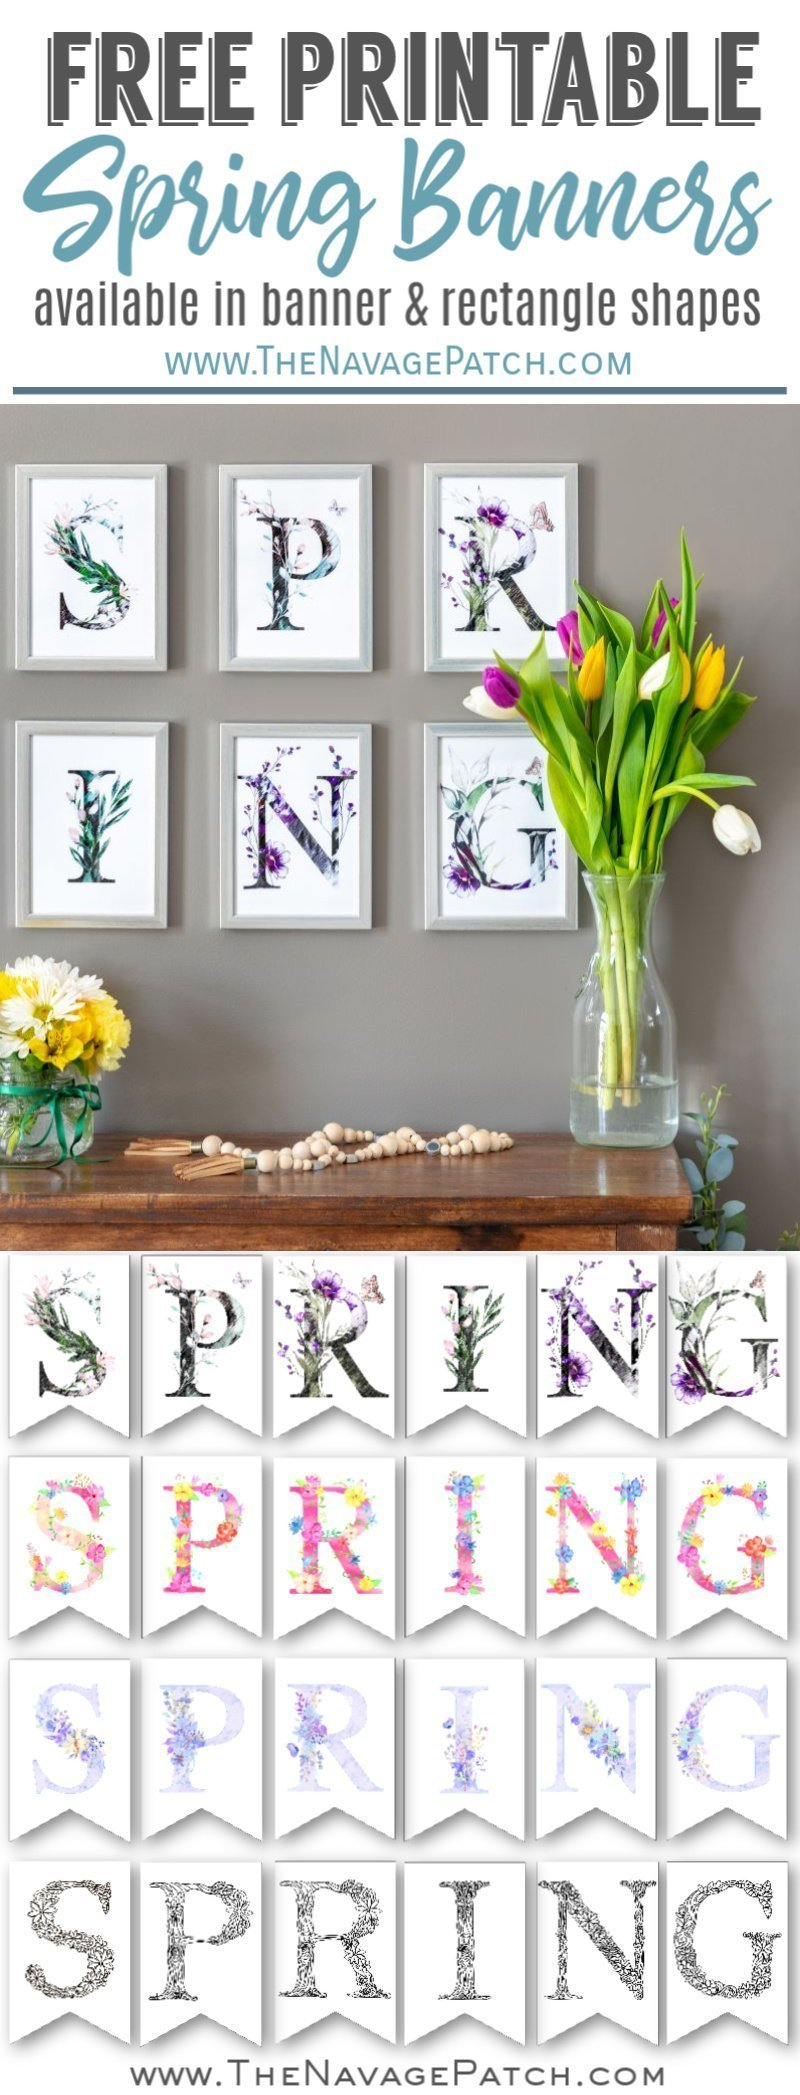 Free Printable Spring Banner pin image